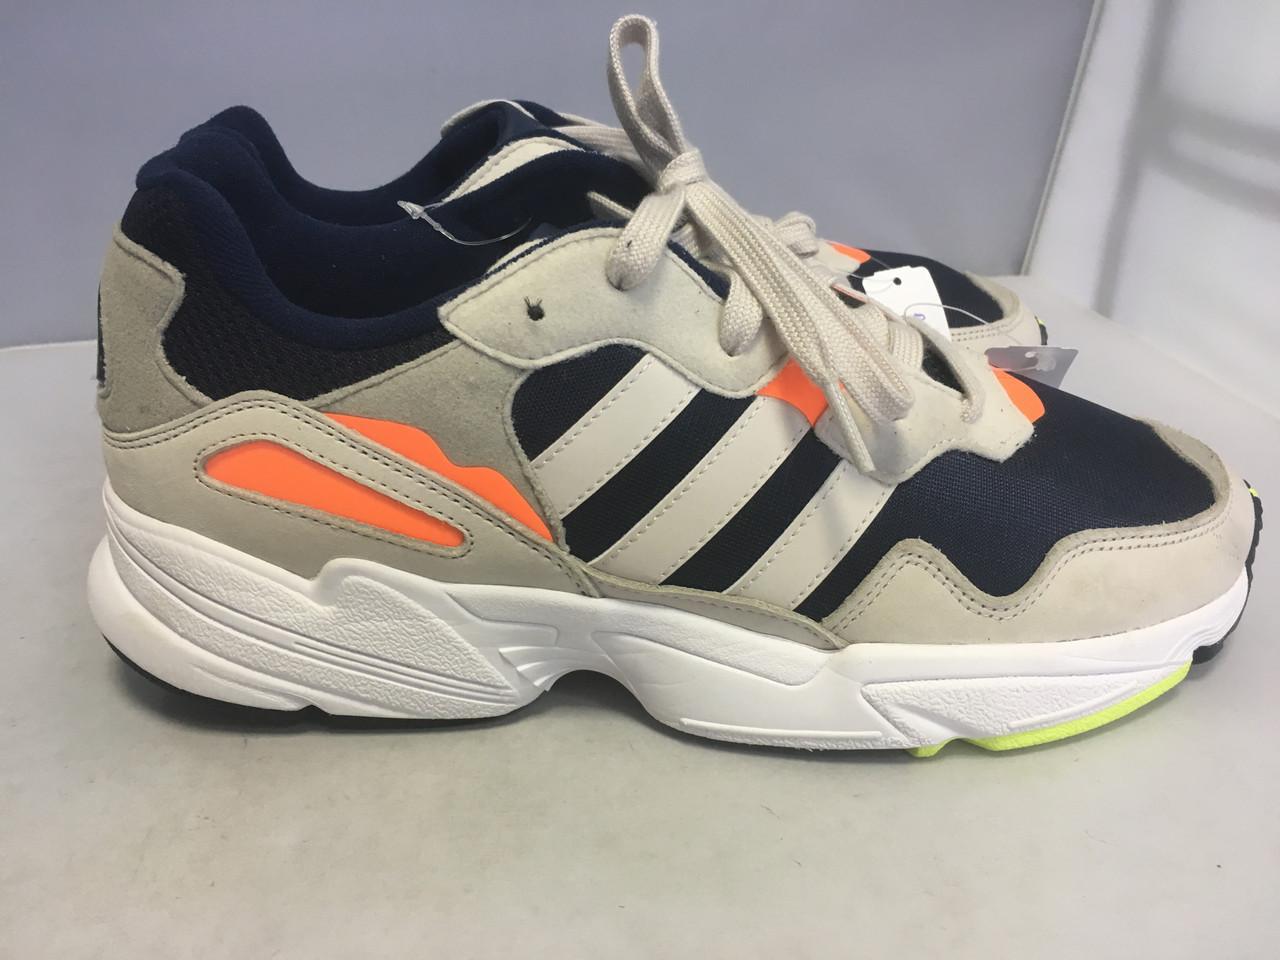 Мужские кроссовки Adidas Torsion, 41 размер